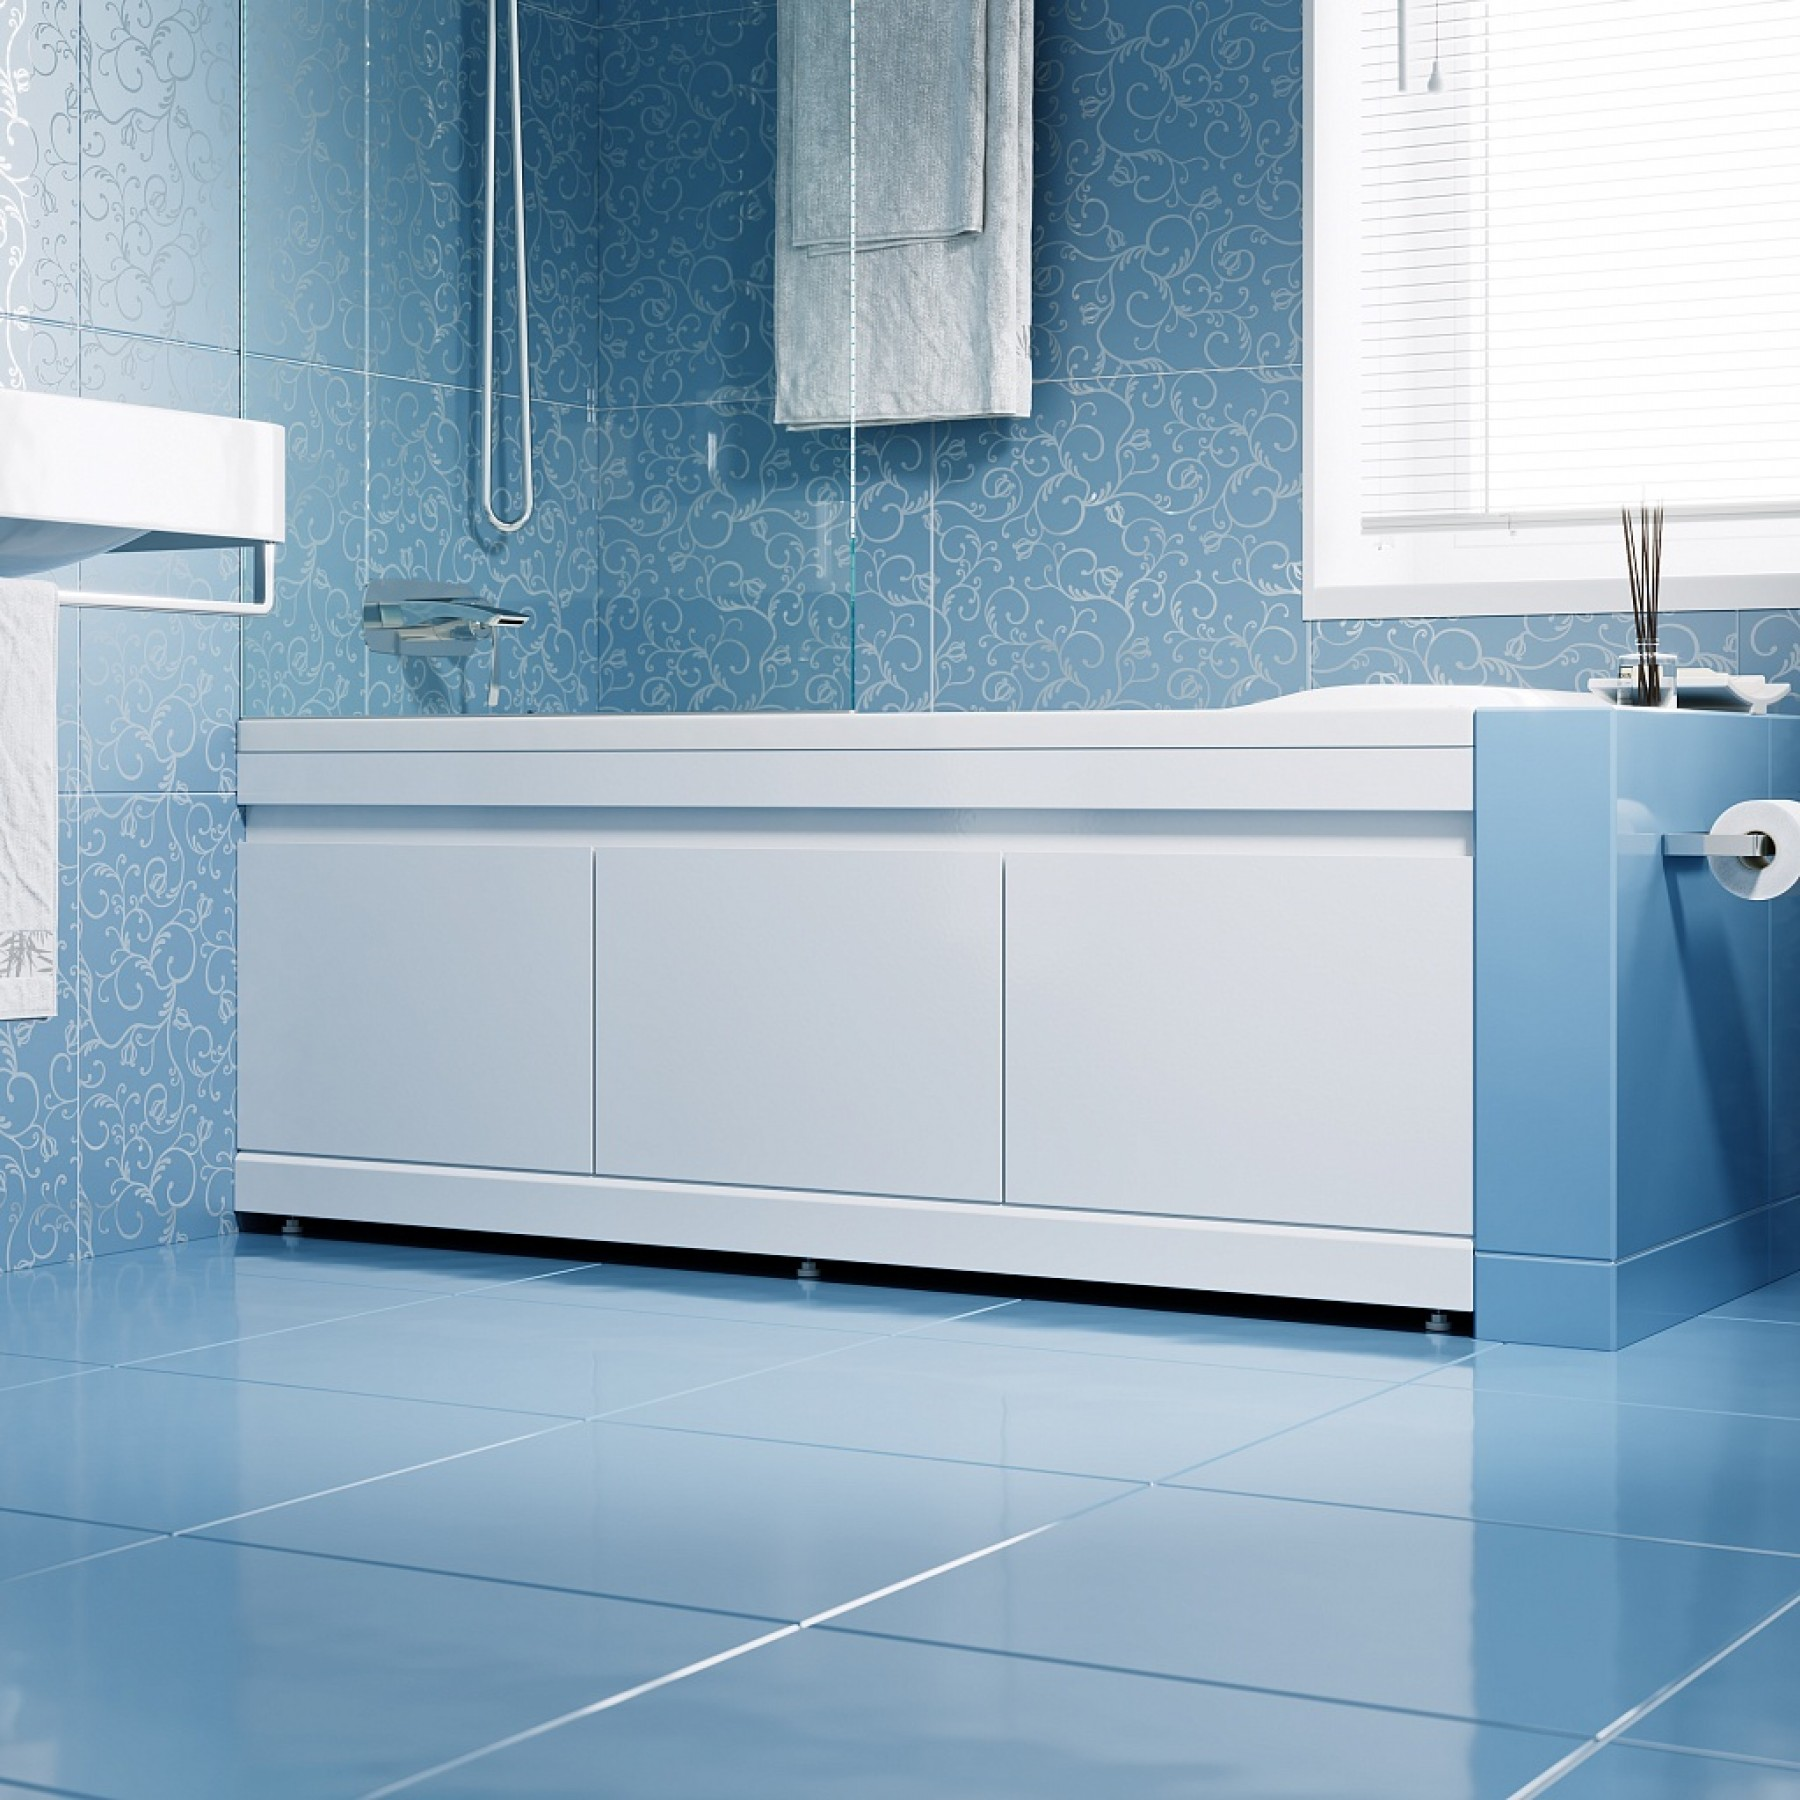 Mdf Bildschirm Unter Der Badewanne Swing Modell Mit Den Abmessungen Von 150 160 170 Und 180 Cm Vorder Und Seitenfach Panel Alavann